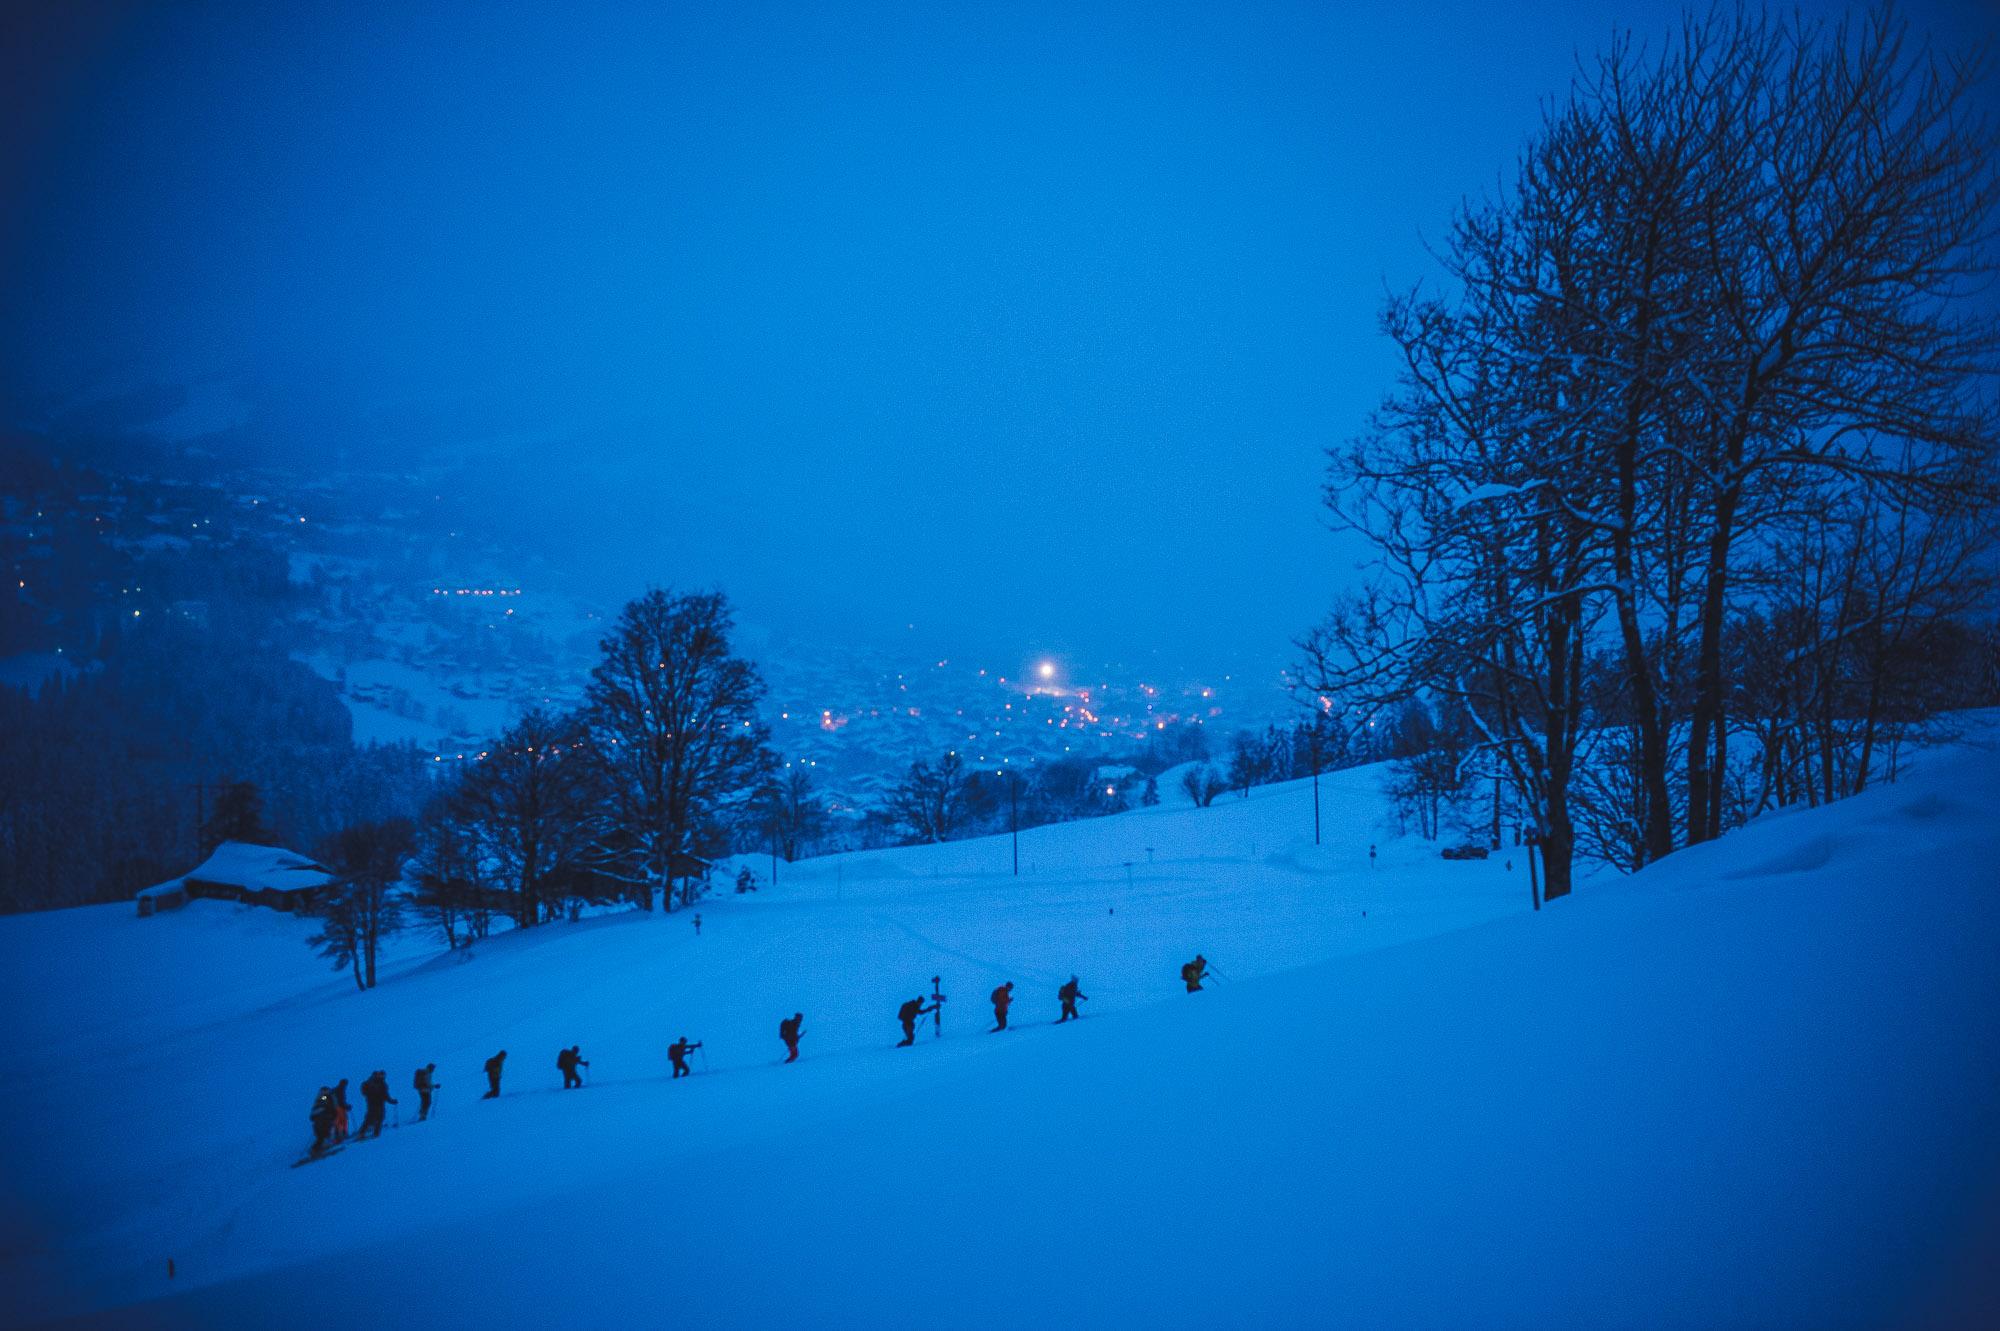 La nuit tombe sur la Belle Montée ©Marc Daviet/CTC